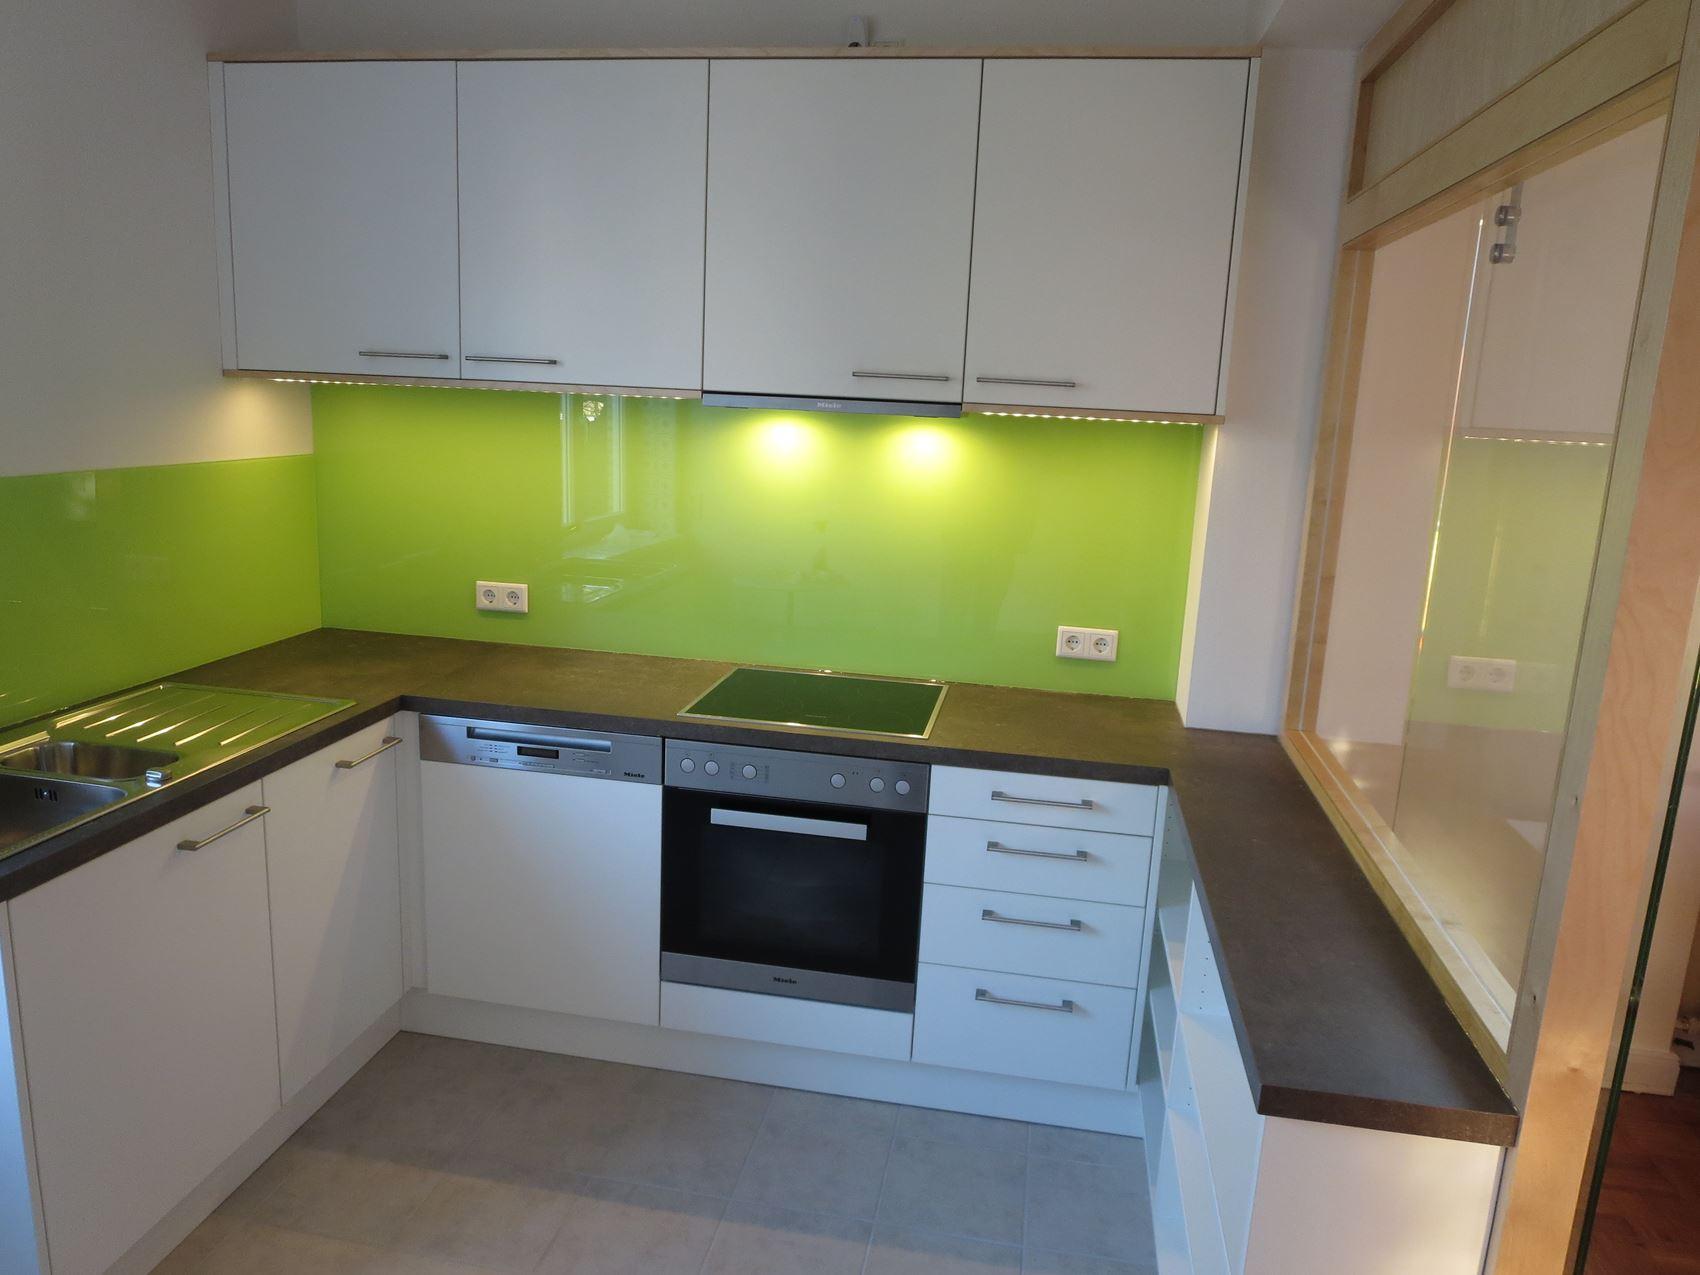 Küche Unterschrank Herd | Kleine Küche Mit Waschmaschine ...